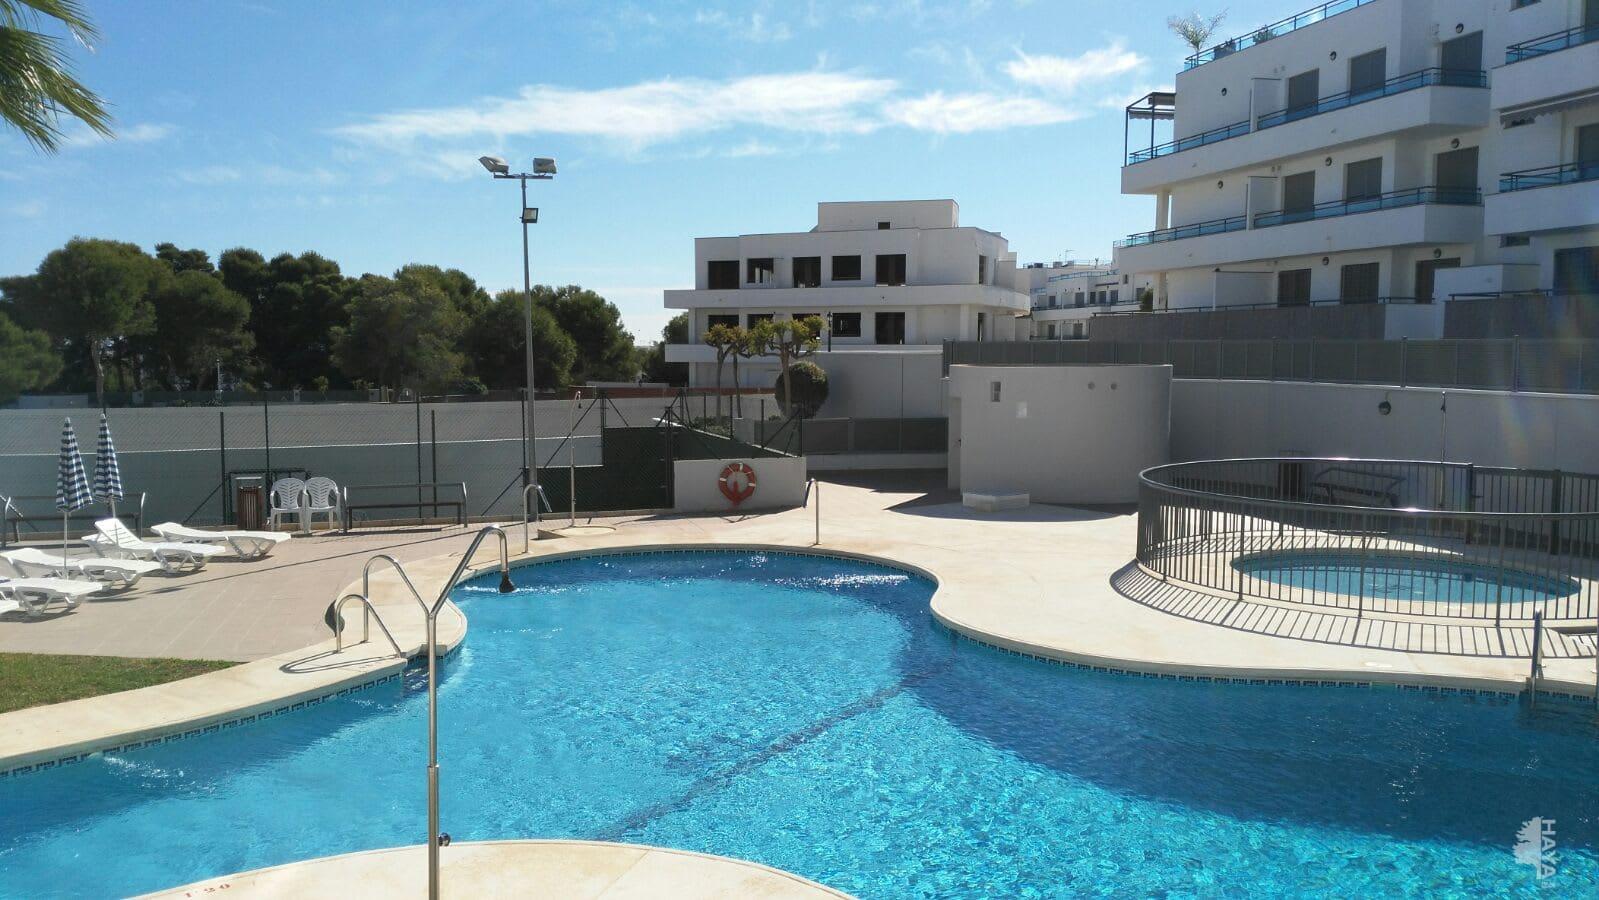 Piso en venta en Garrucha, Garrucha, Almería, Calle Murillo, 92.300 €, 2 habitaciones, 2 baños, 86 m2